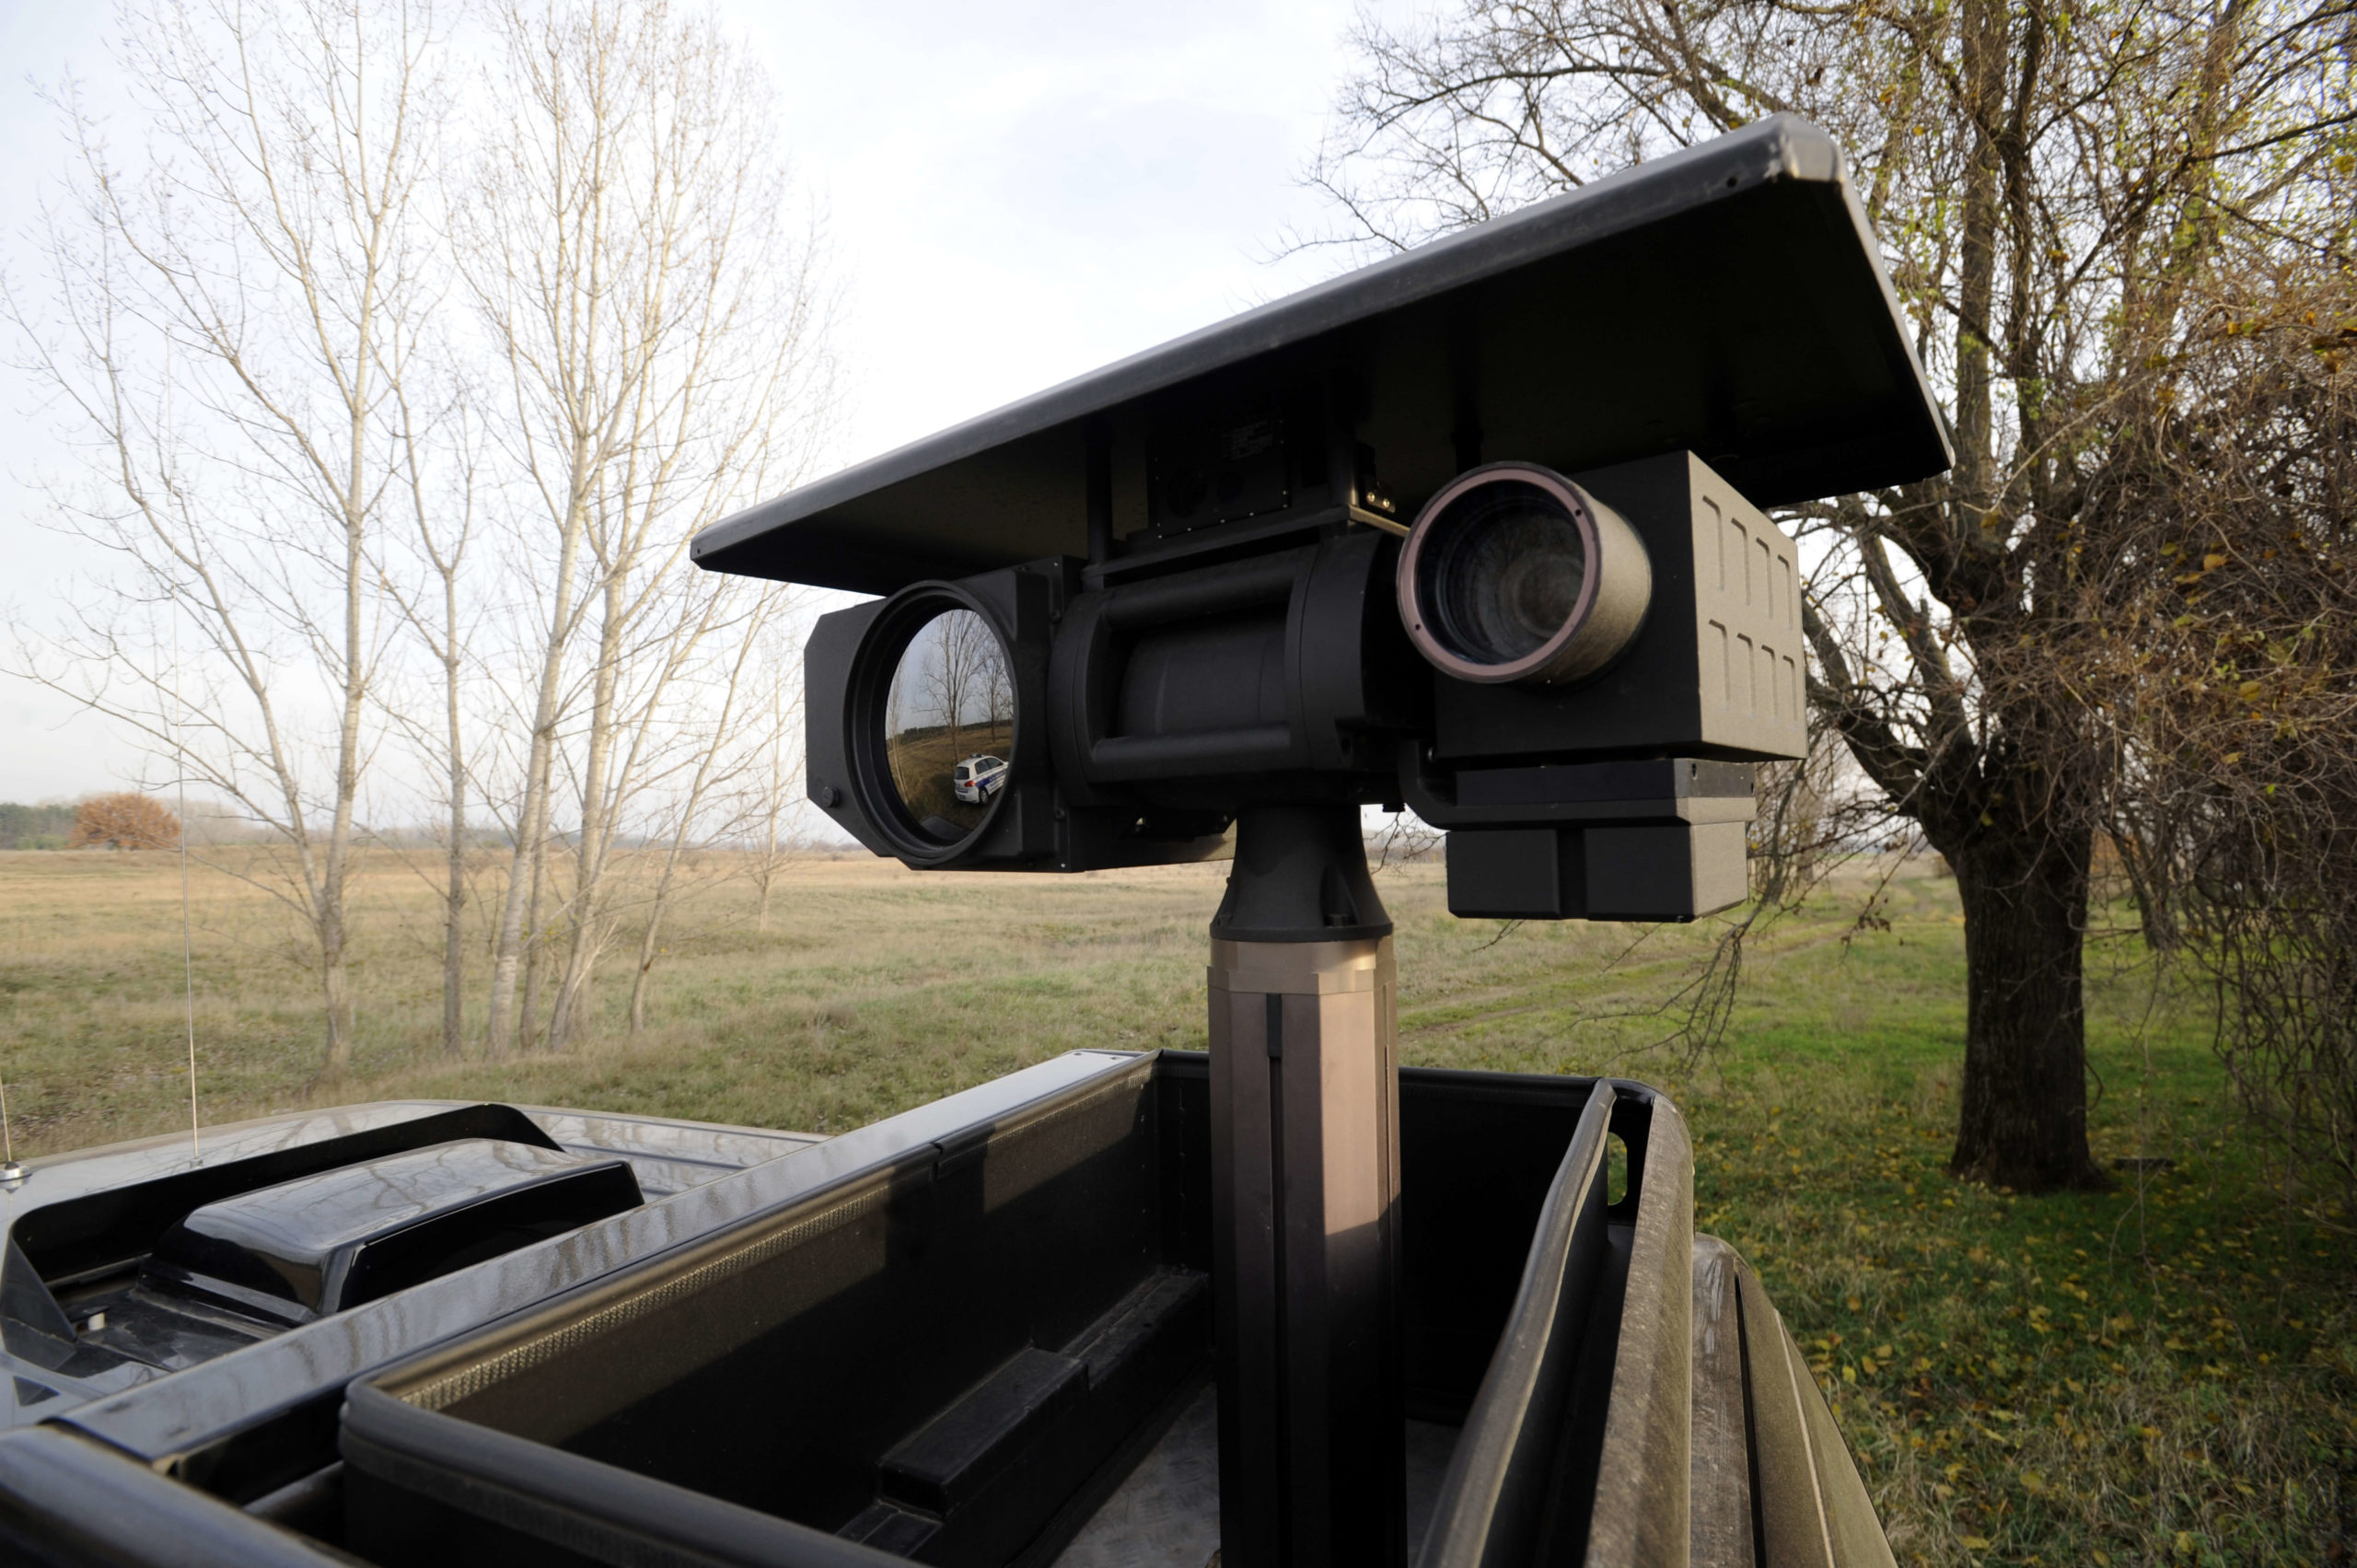 Night vision camera